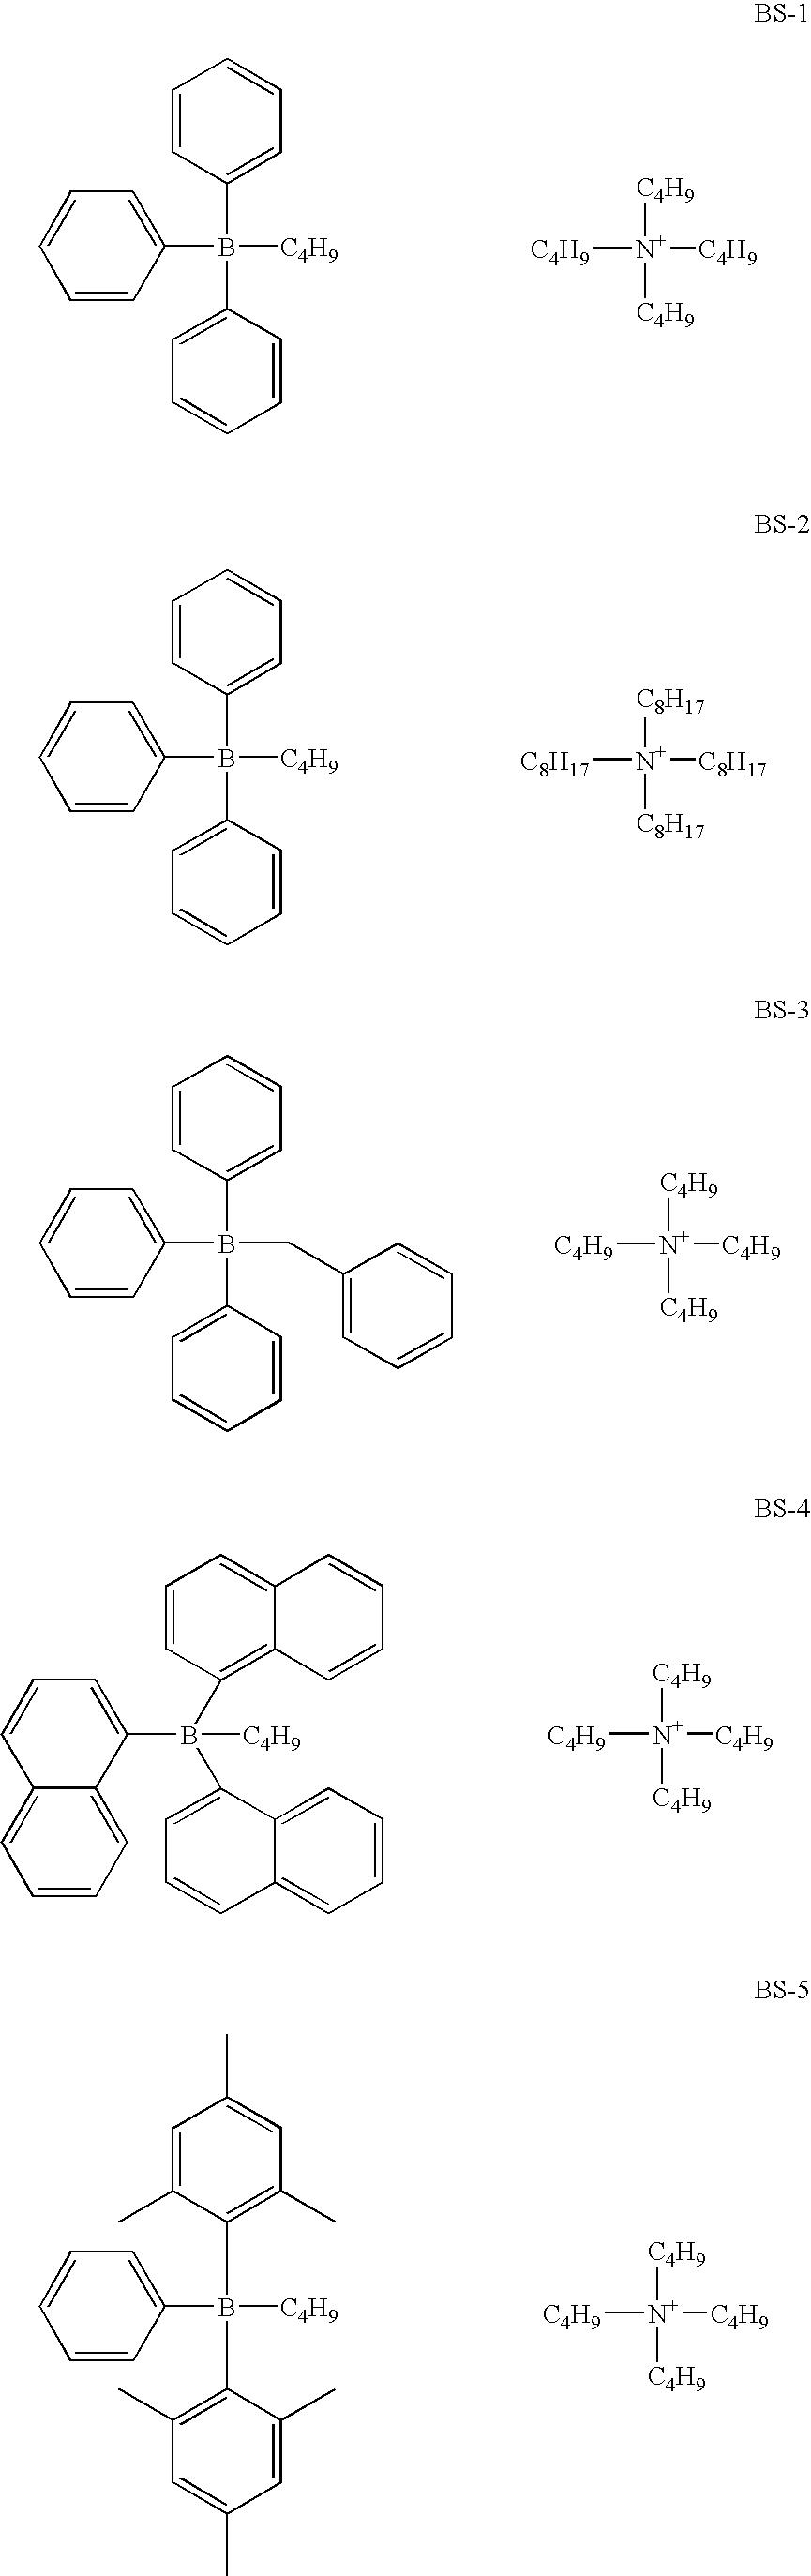 Figure US20050084790A1-20050421-C00011